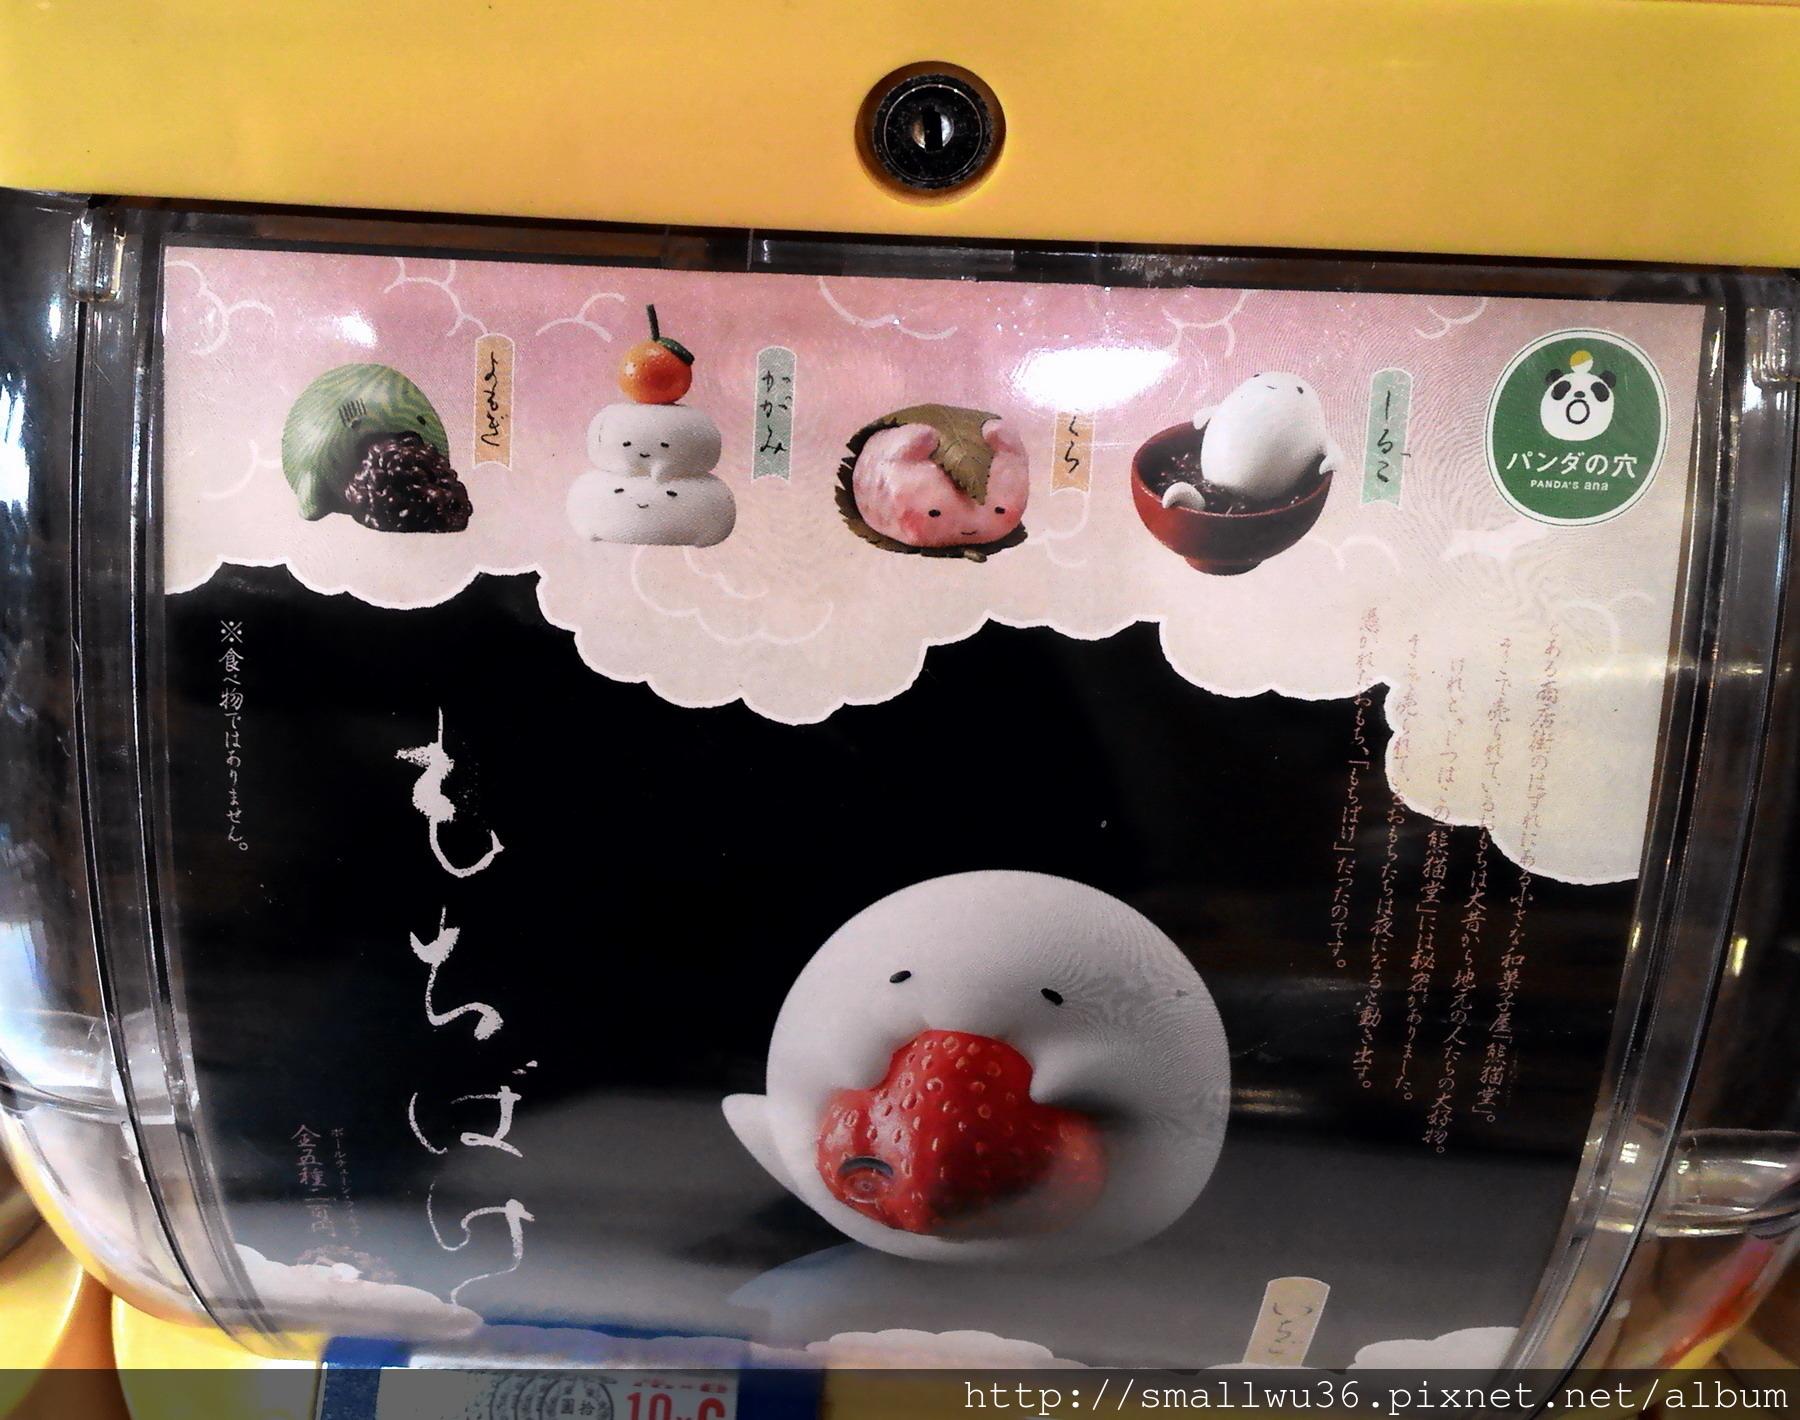 扭蛋-草莓大福等-[パンダの穴] もちばけ 全5種.jpg